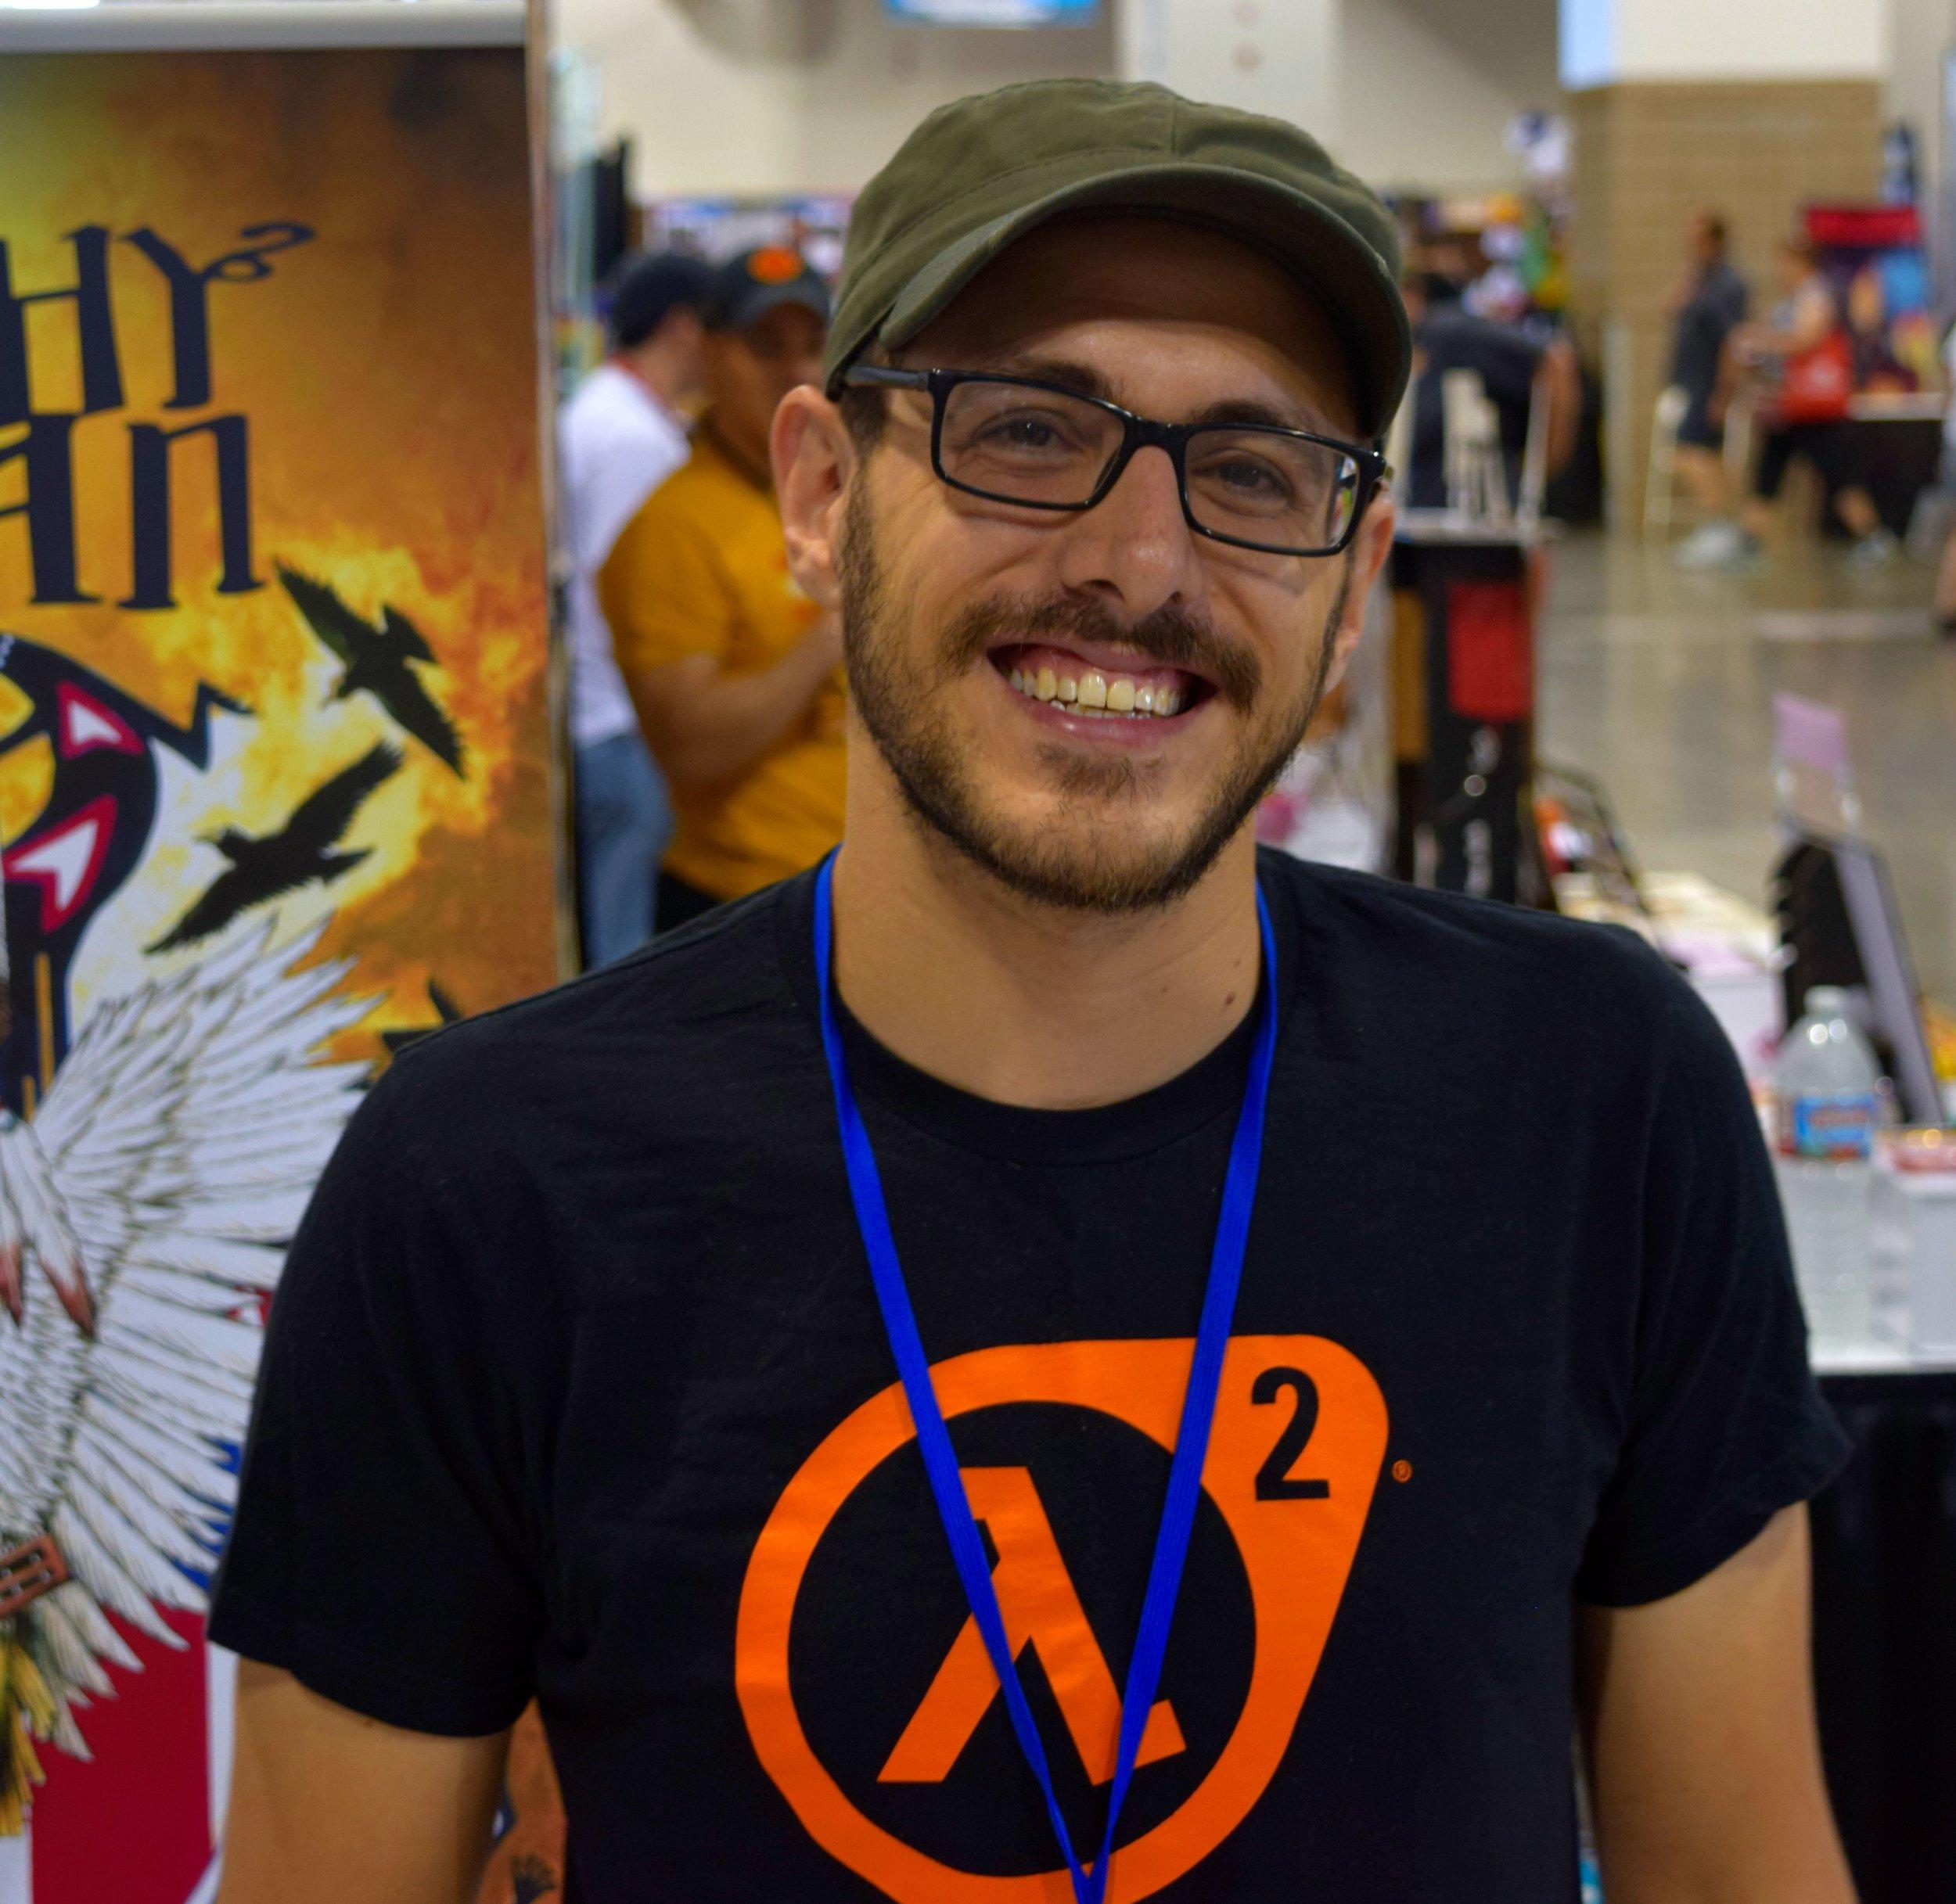 Ben Truman at Denver Comic Con 2016 (2).